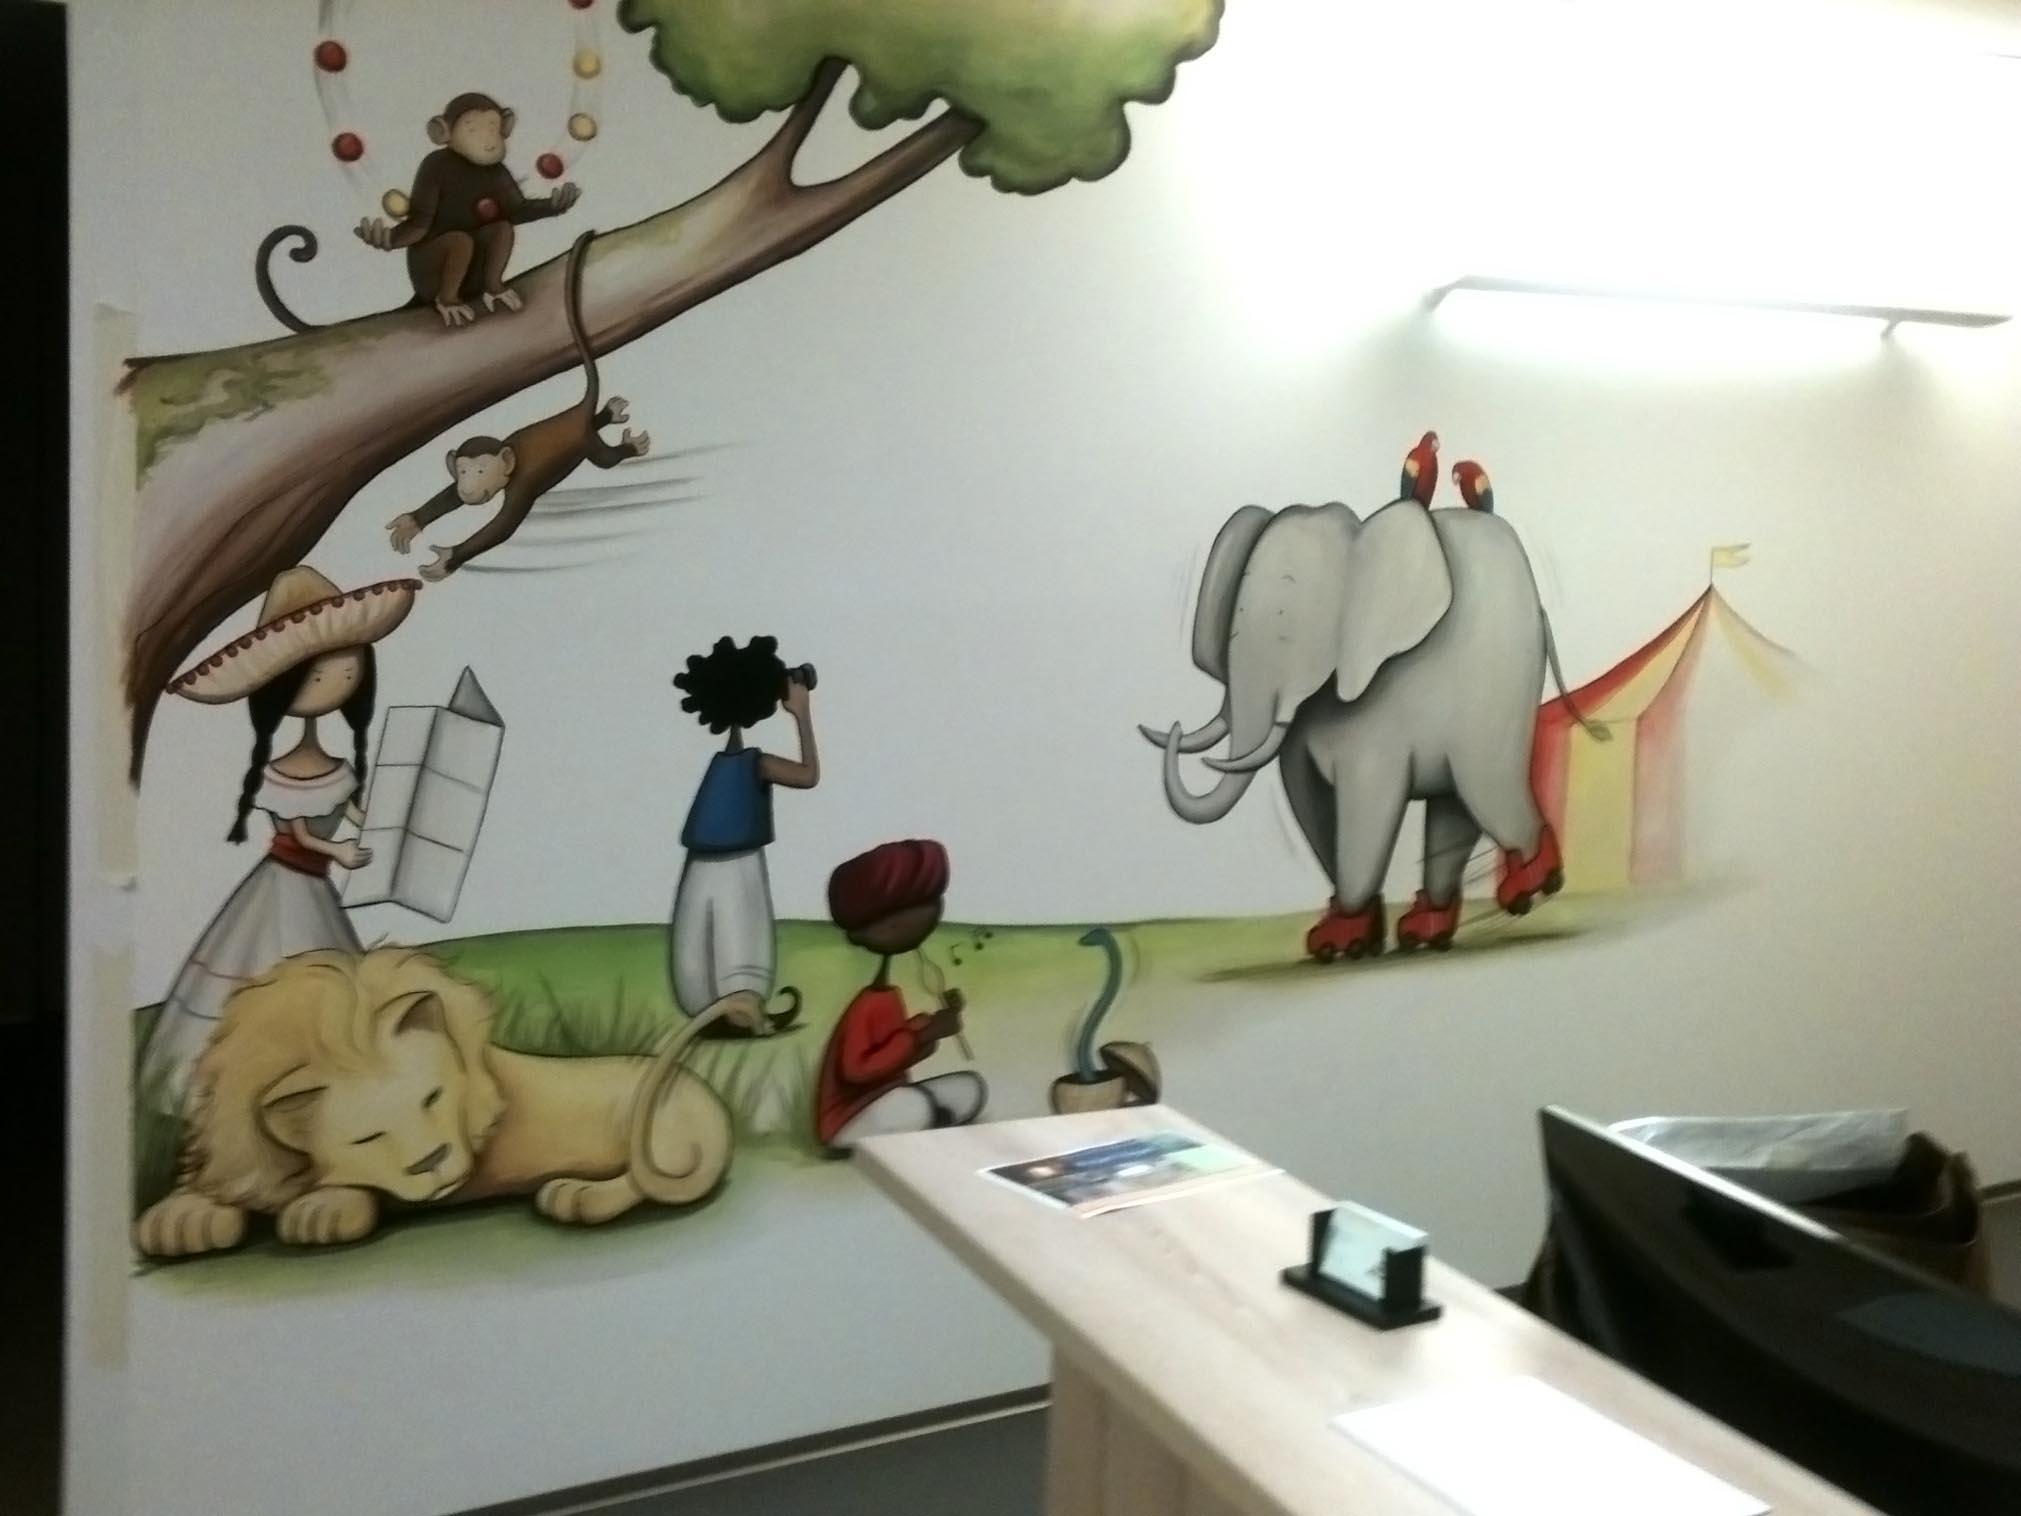 d coration pour enfants par corentin meige d corateur vevey. Black Bedroom Furniture Sets. Home Design Ideas